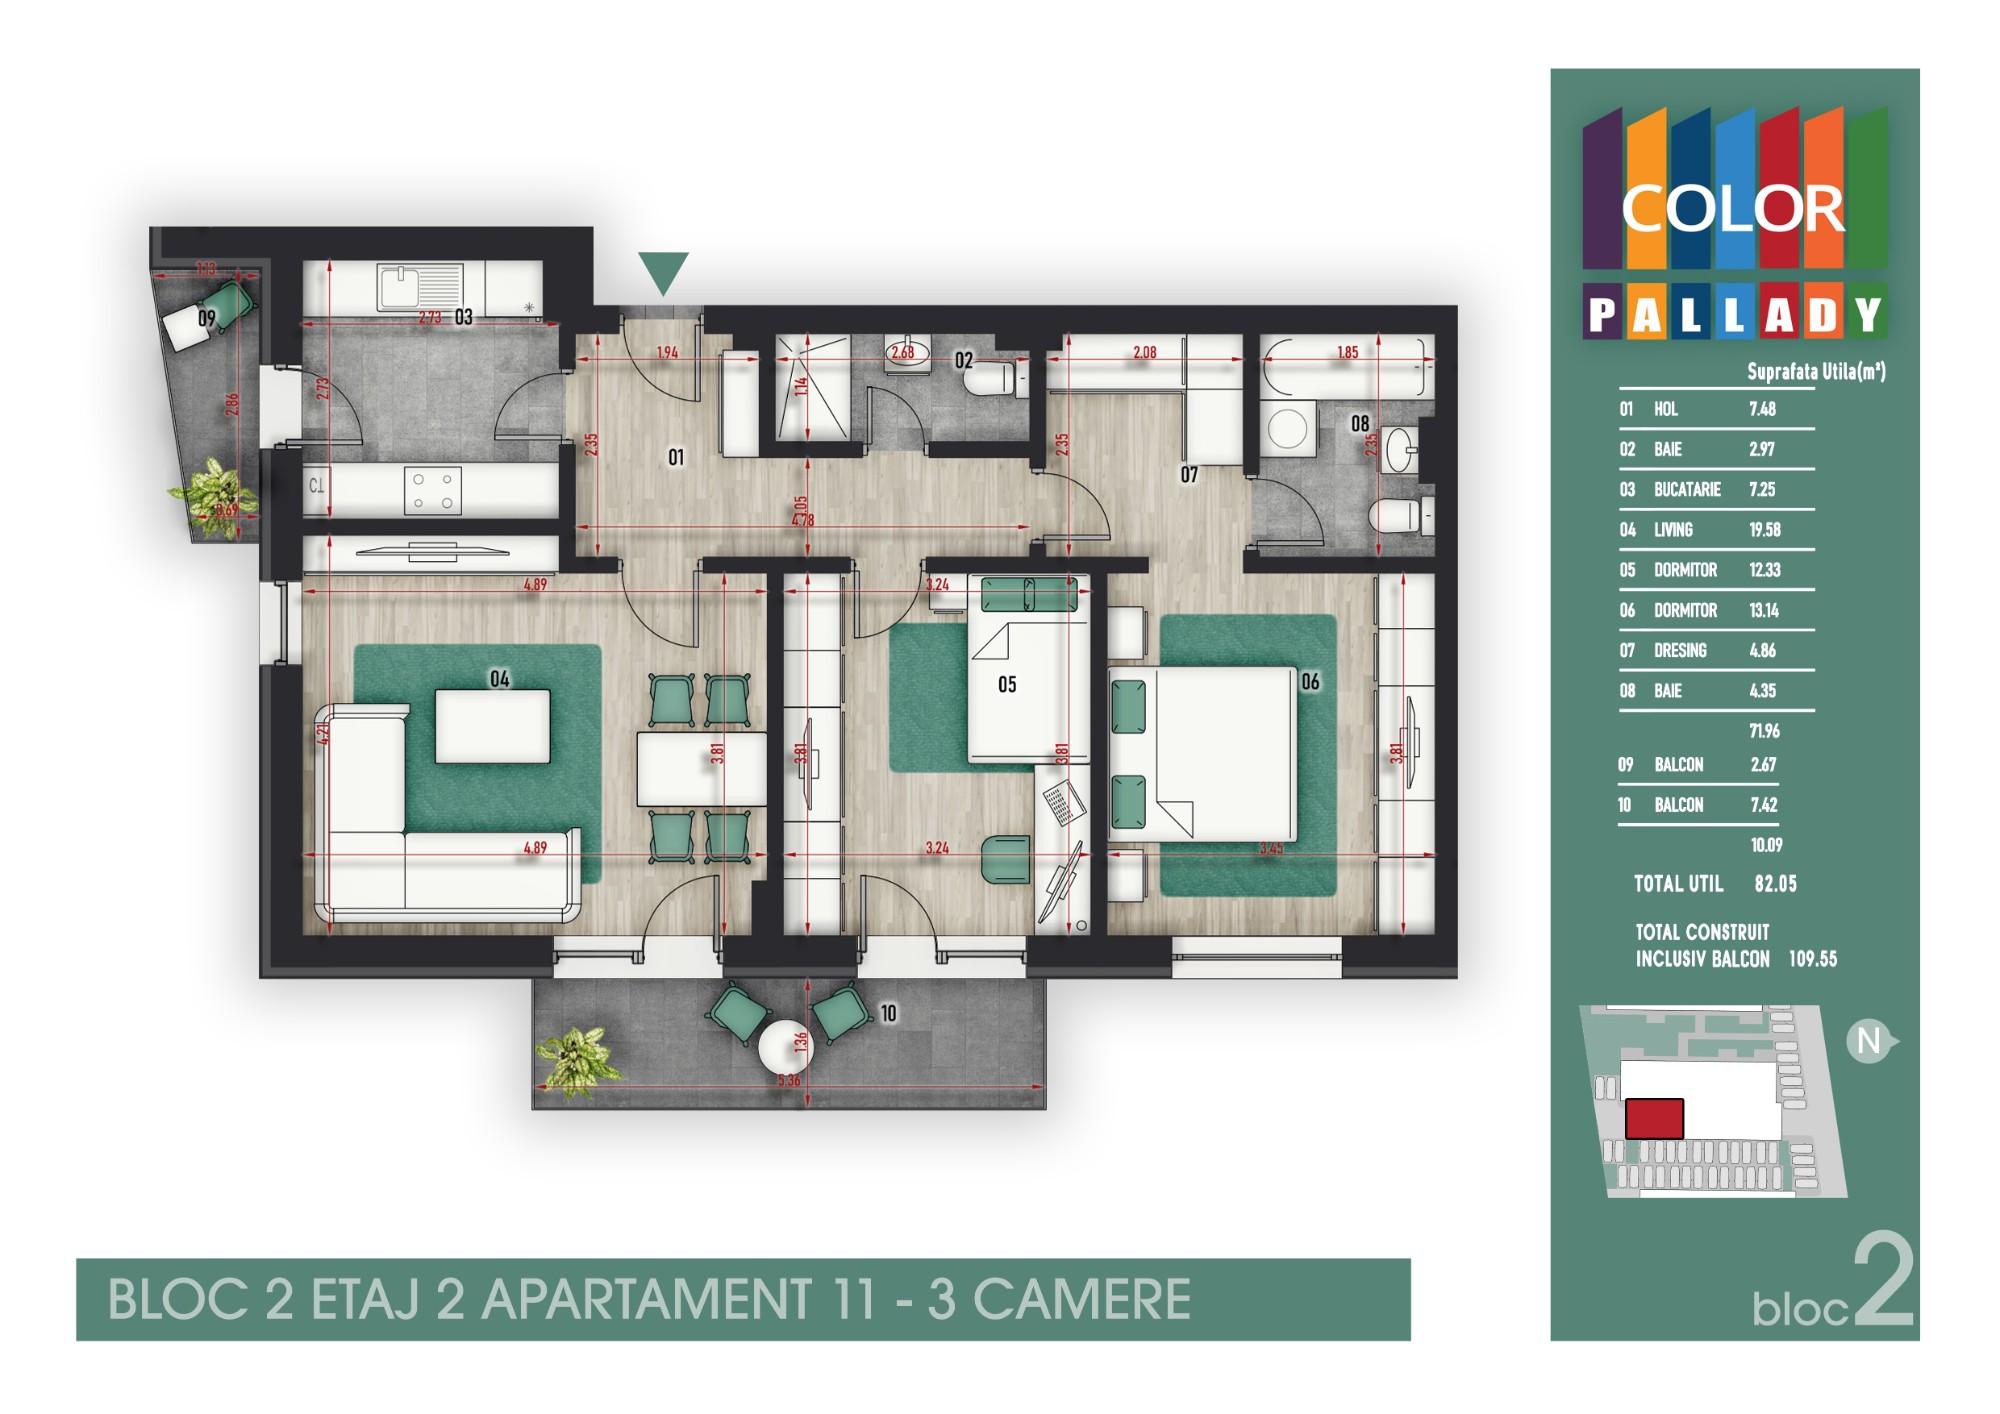 Bloc 2 - Etaj 2 - Apartament 11